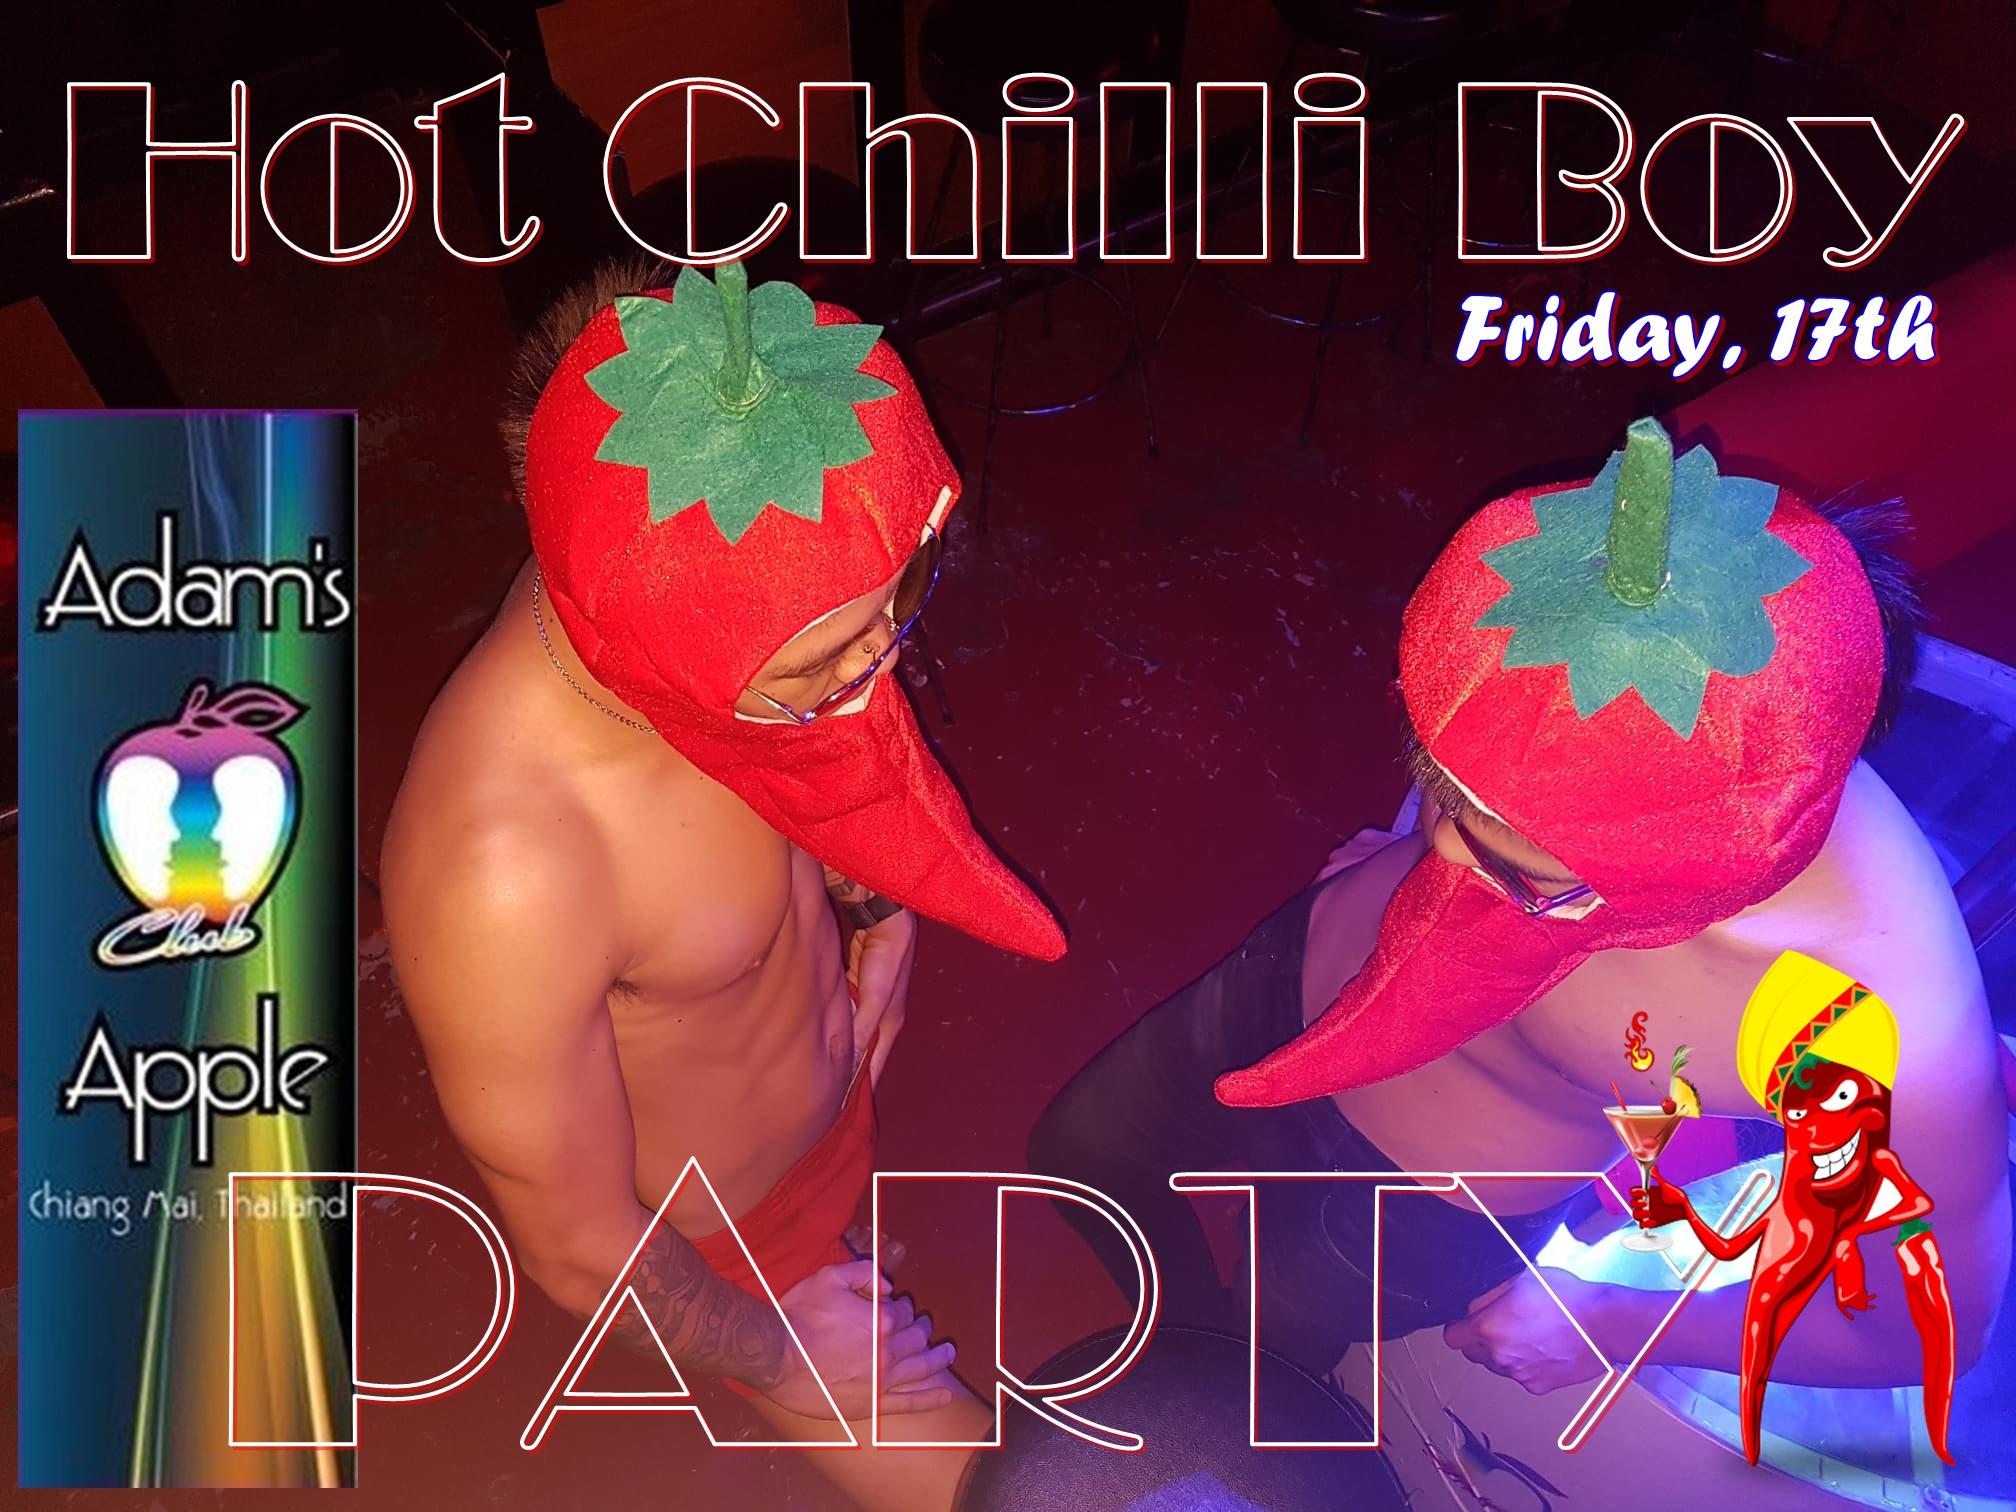 Hot Chilli Boy Party Adams Apple Club CNX